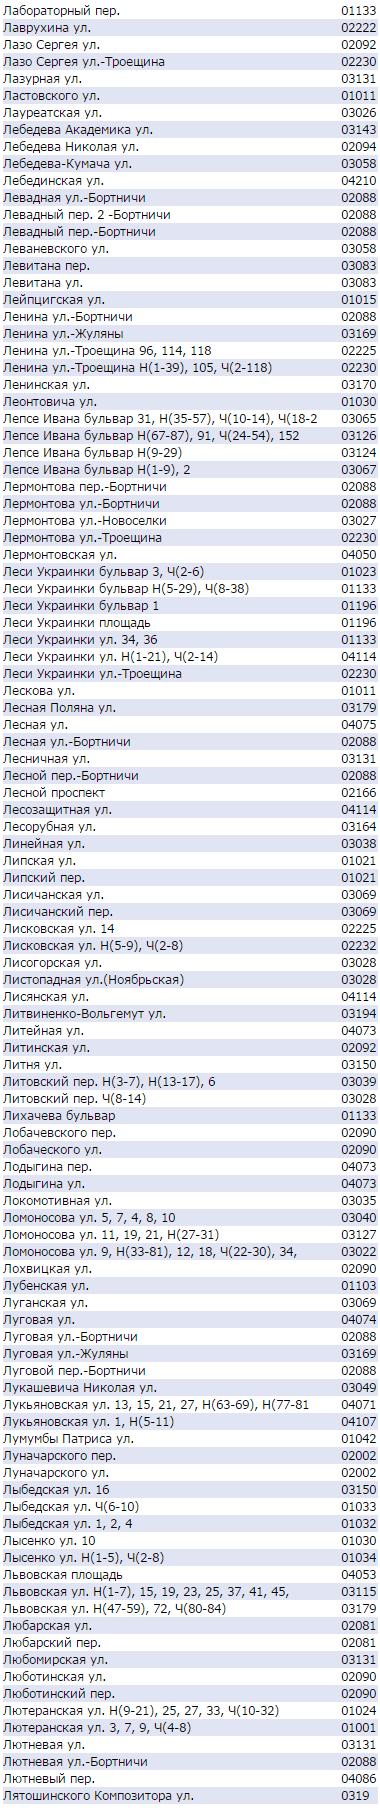 Почтовые индексы Киева по улицам - Лепсе, Леси Украинки, Ломоносова